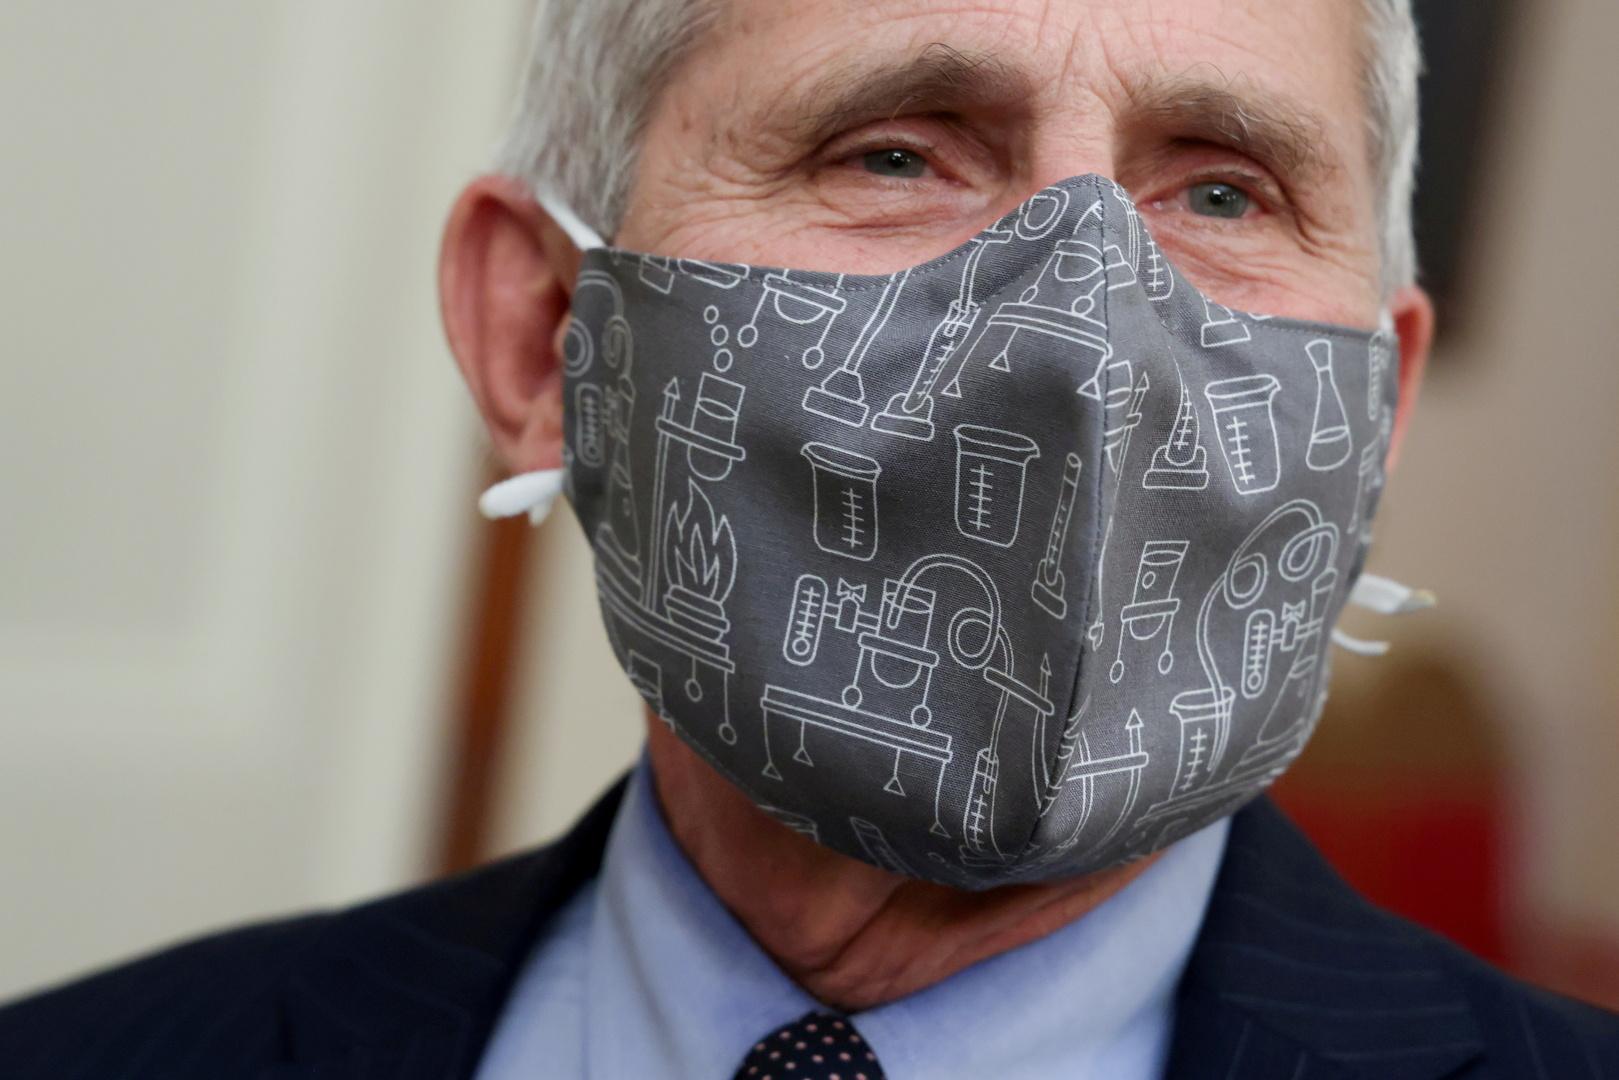 فاوتشي يستبعد انتشار موجة رابعة من وباء كورونا في الولايات المتحدة